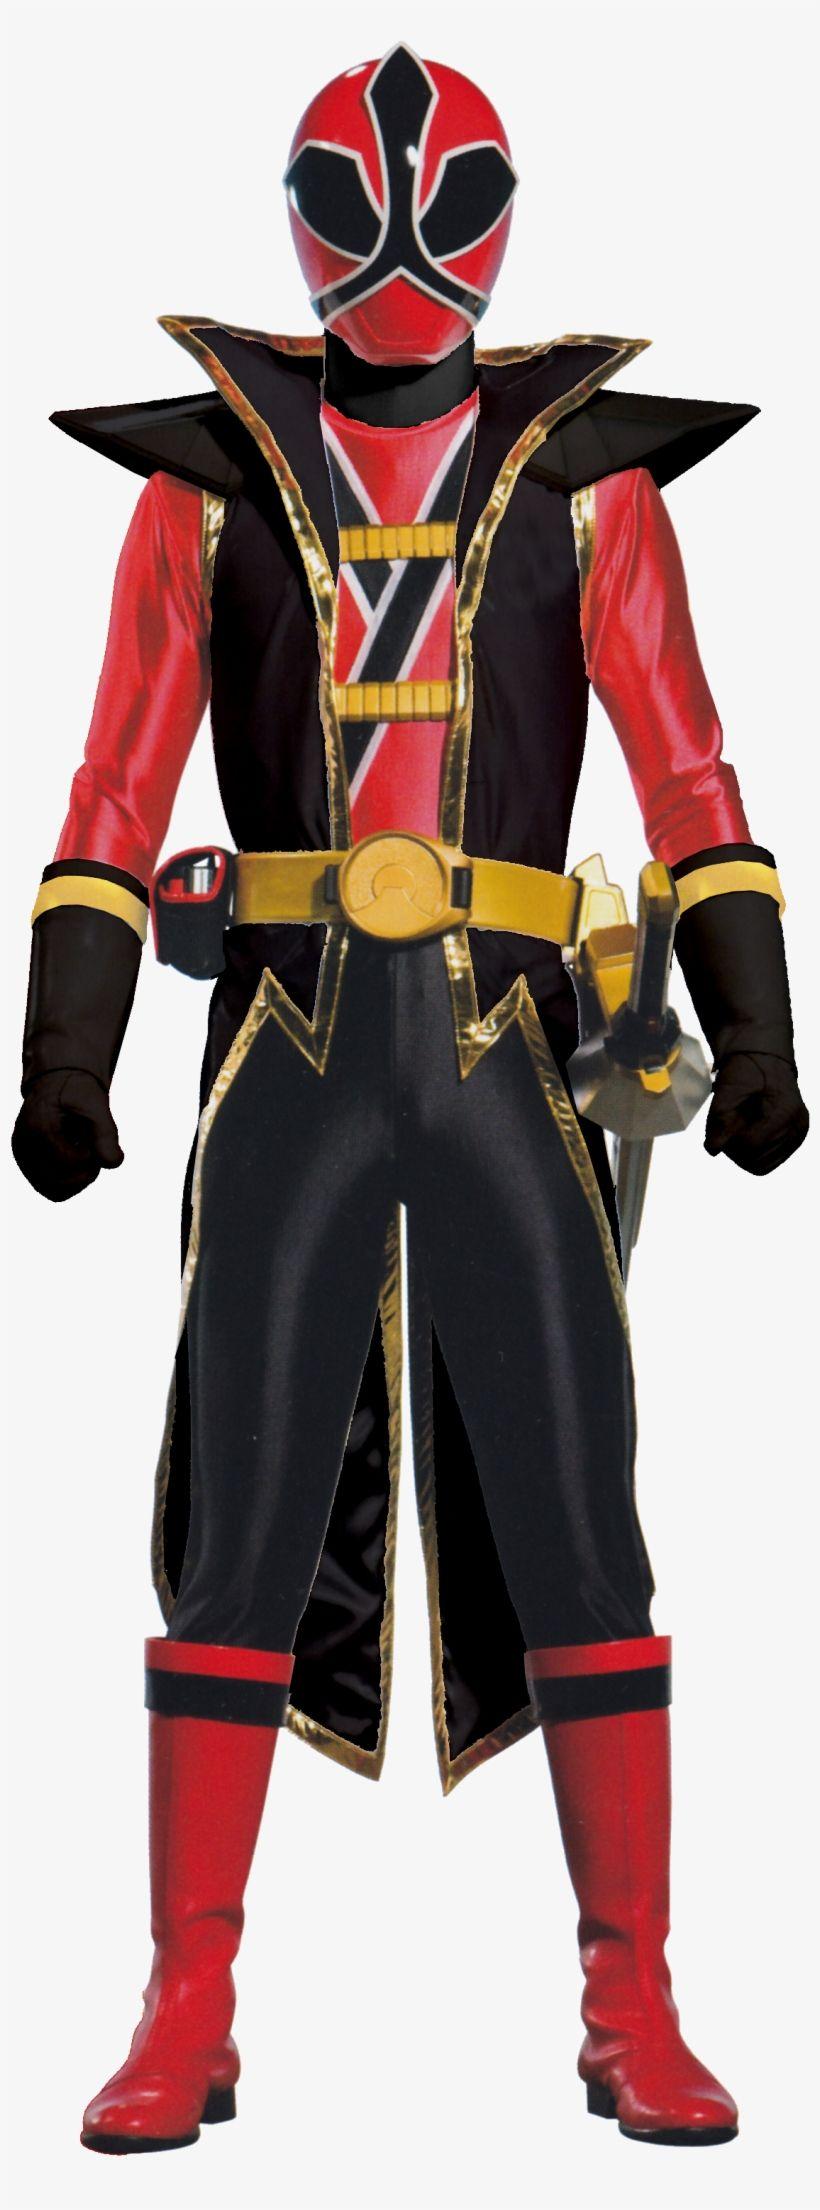 Download Red Power Ranger Samurai For Kids Power Rangers Samurai Dark Red Ranger For Free Ni Power Rangers Samurai Power Rangers Super Samurai Power Rangers